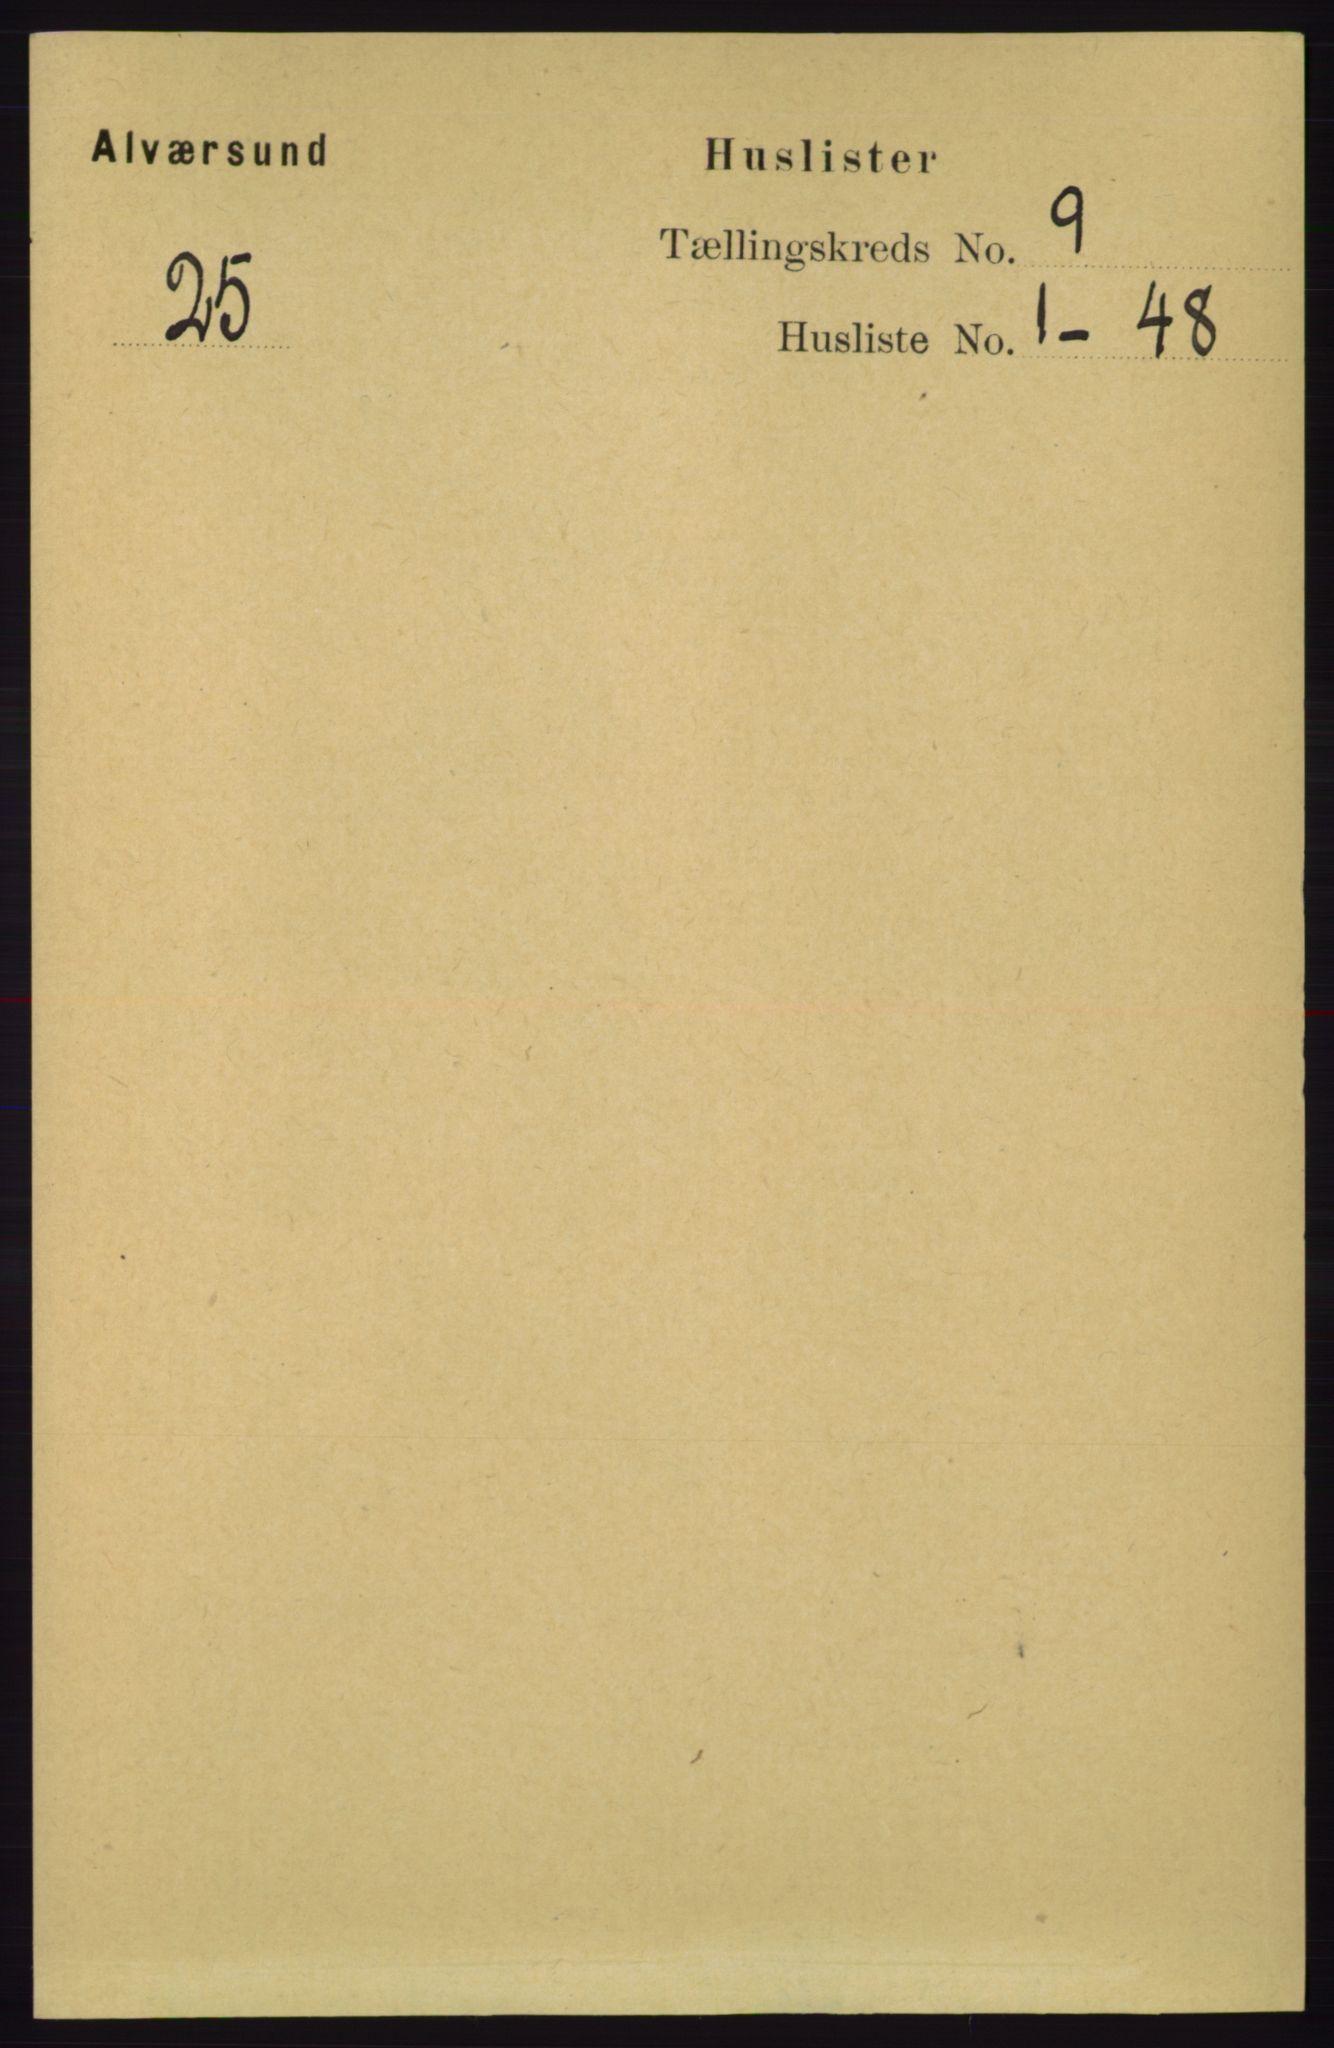 RA, Folketelling 1891 for 1257 Alversund herred, 1891, s. 3036